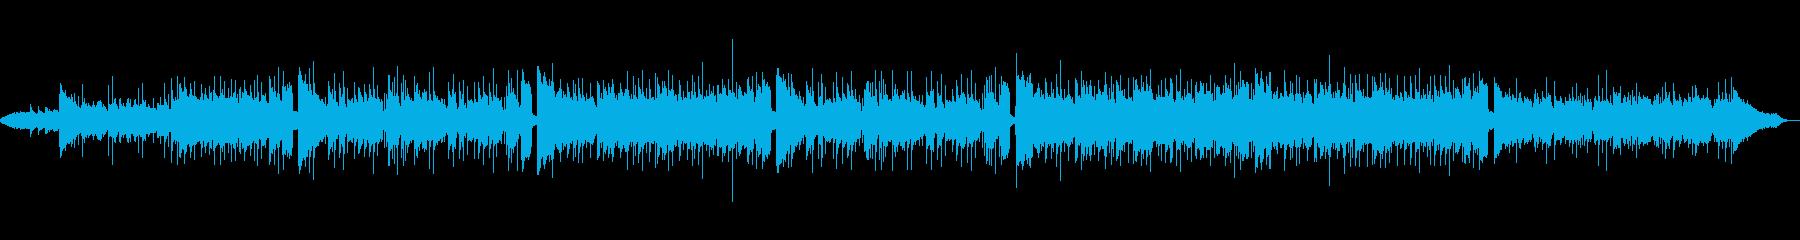 アコギがメインの優しいクリスマス曲の再生済みの波形